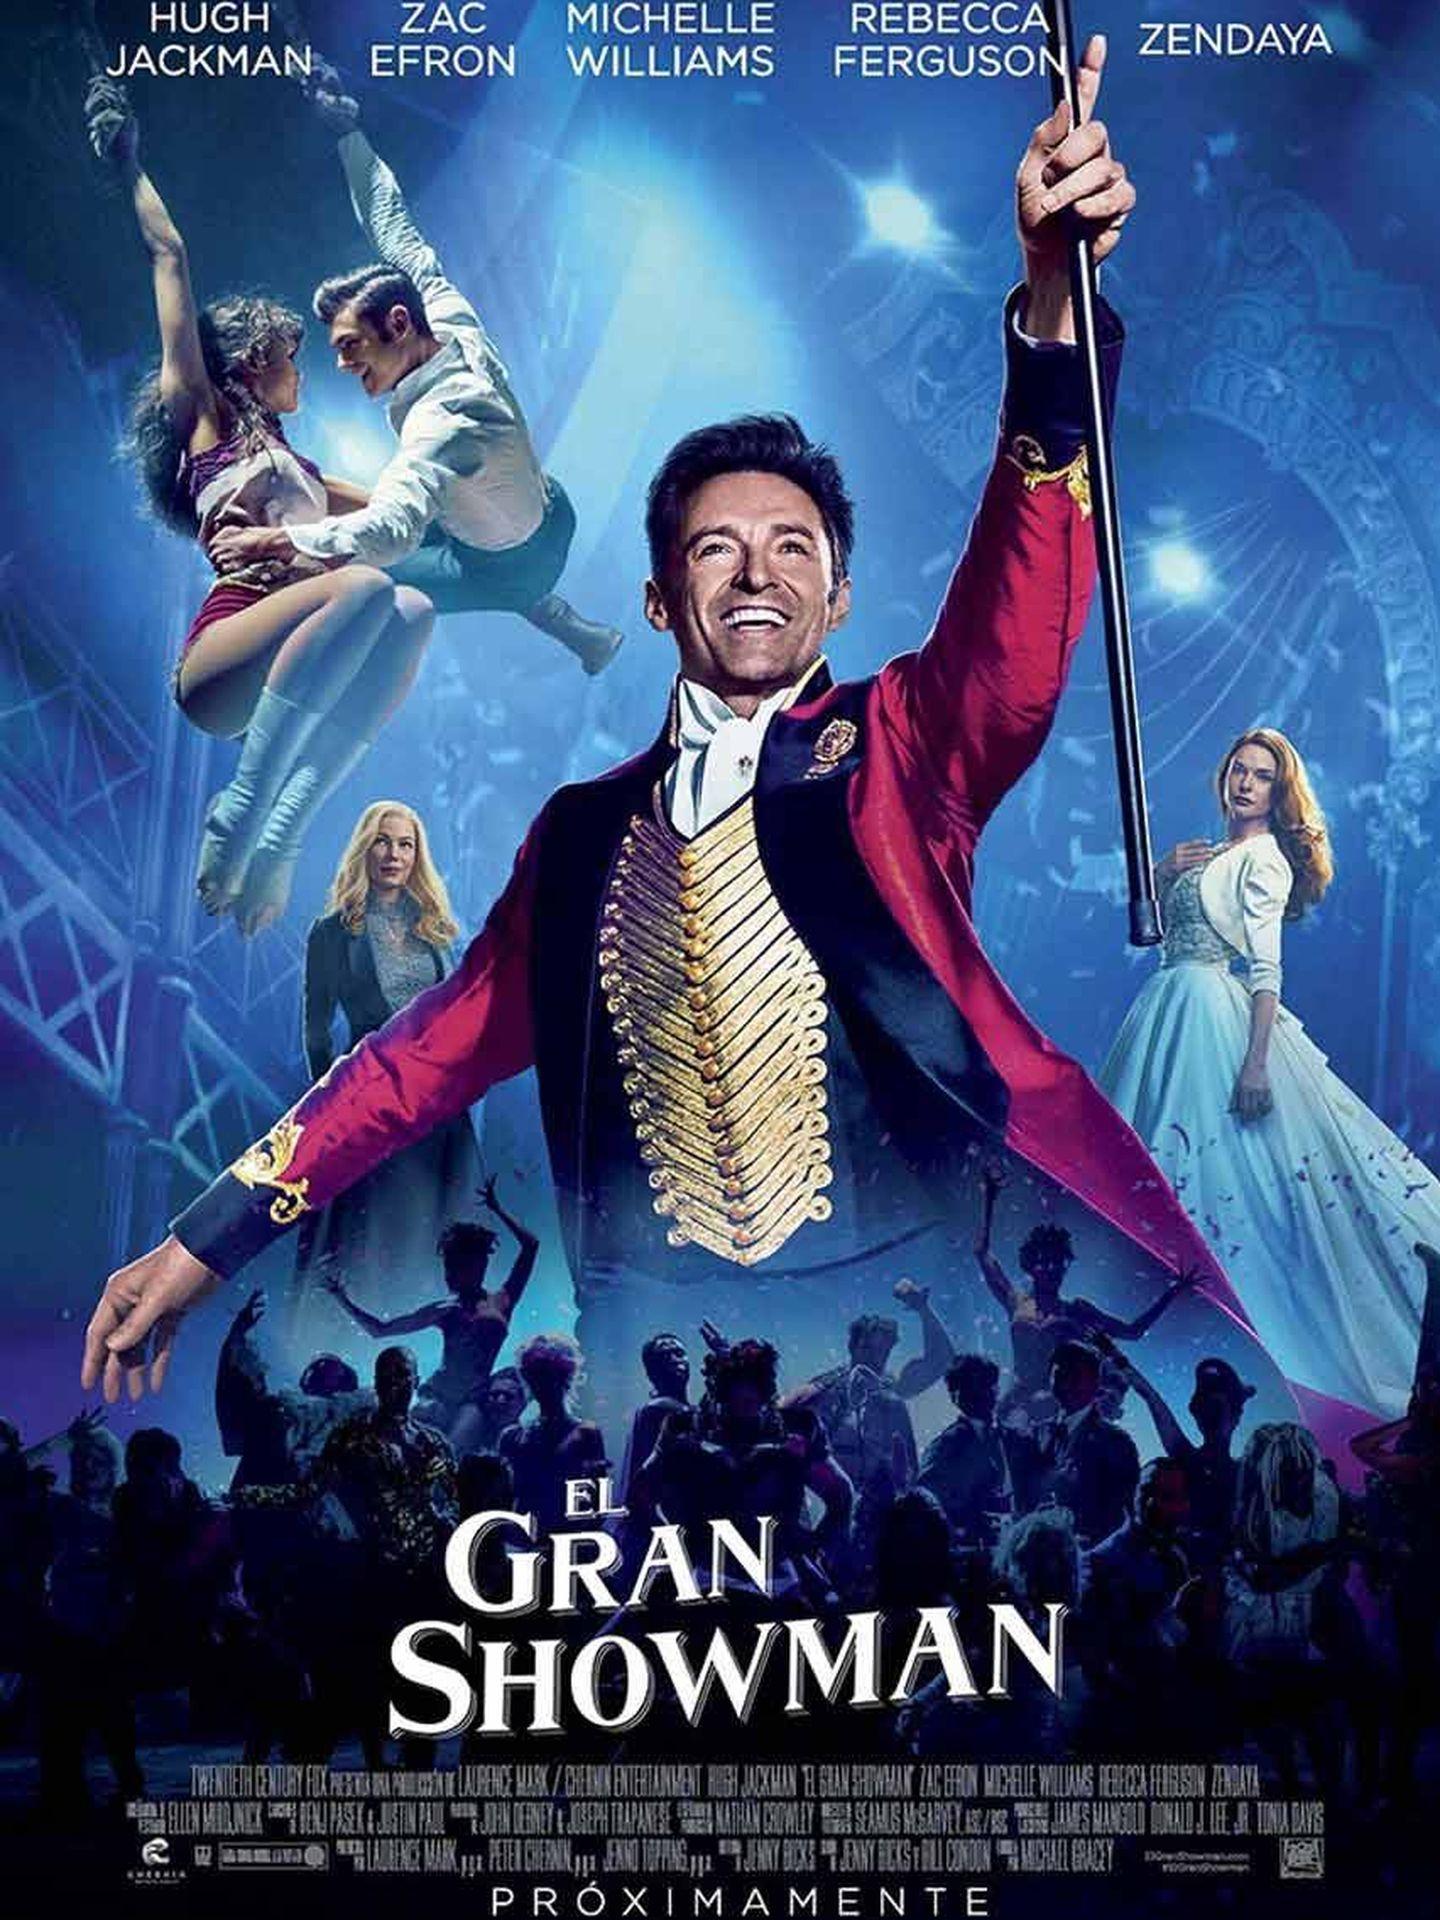 Cartel de 'El gran showman'.